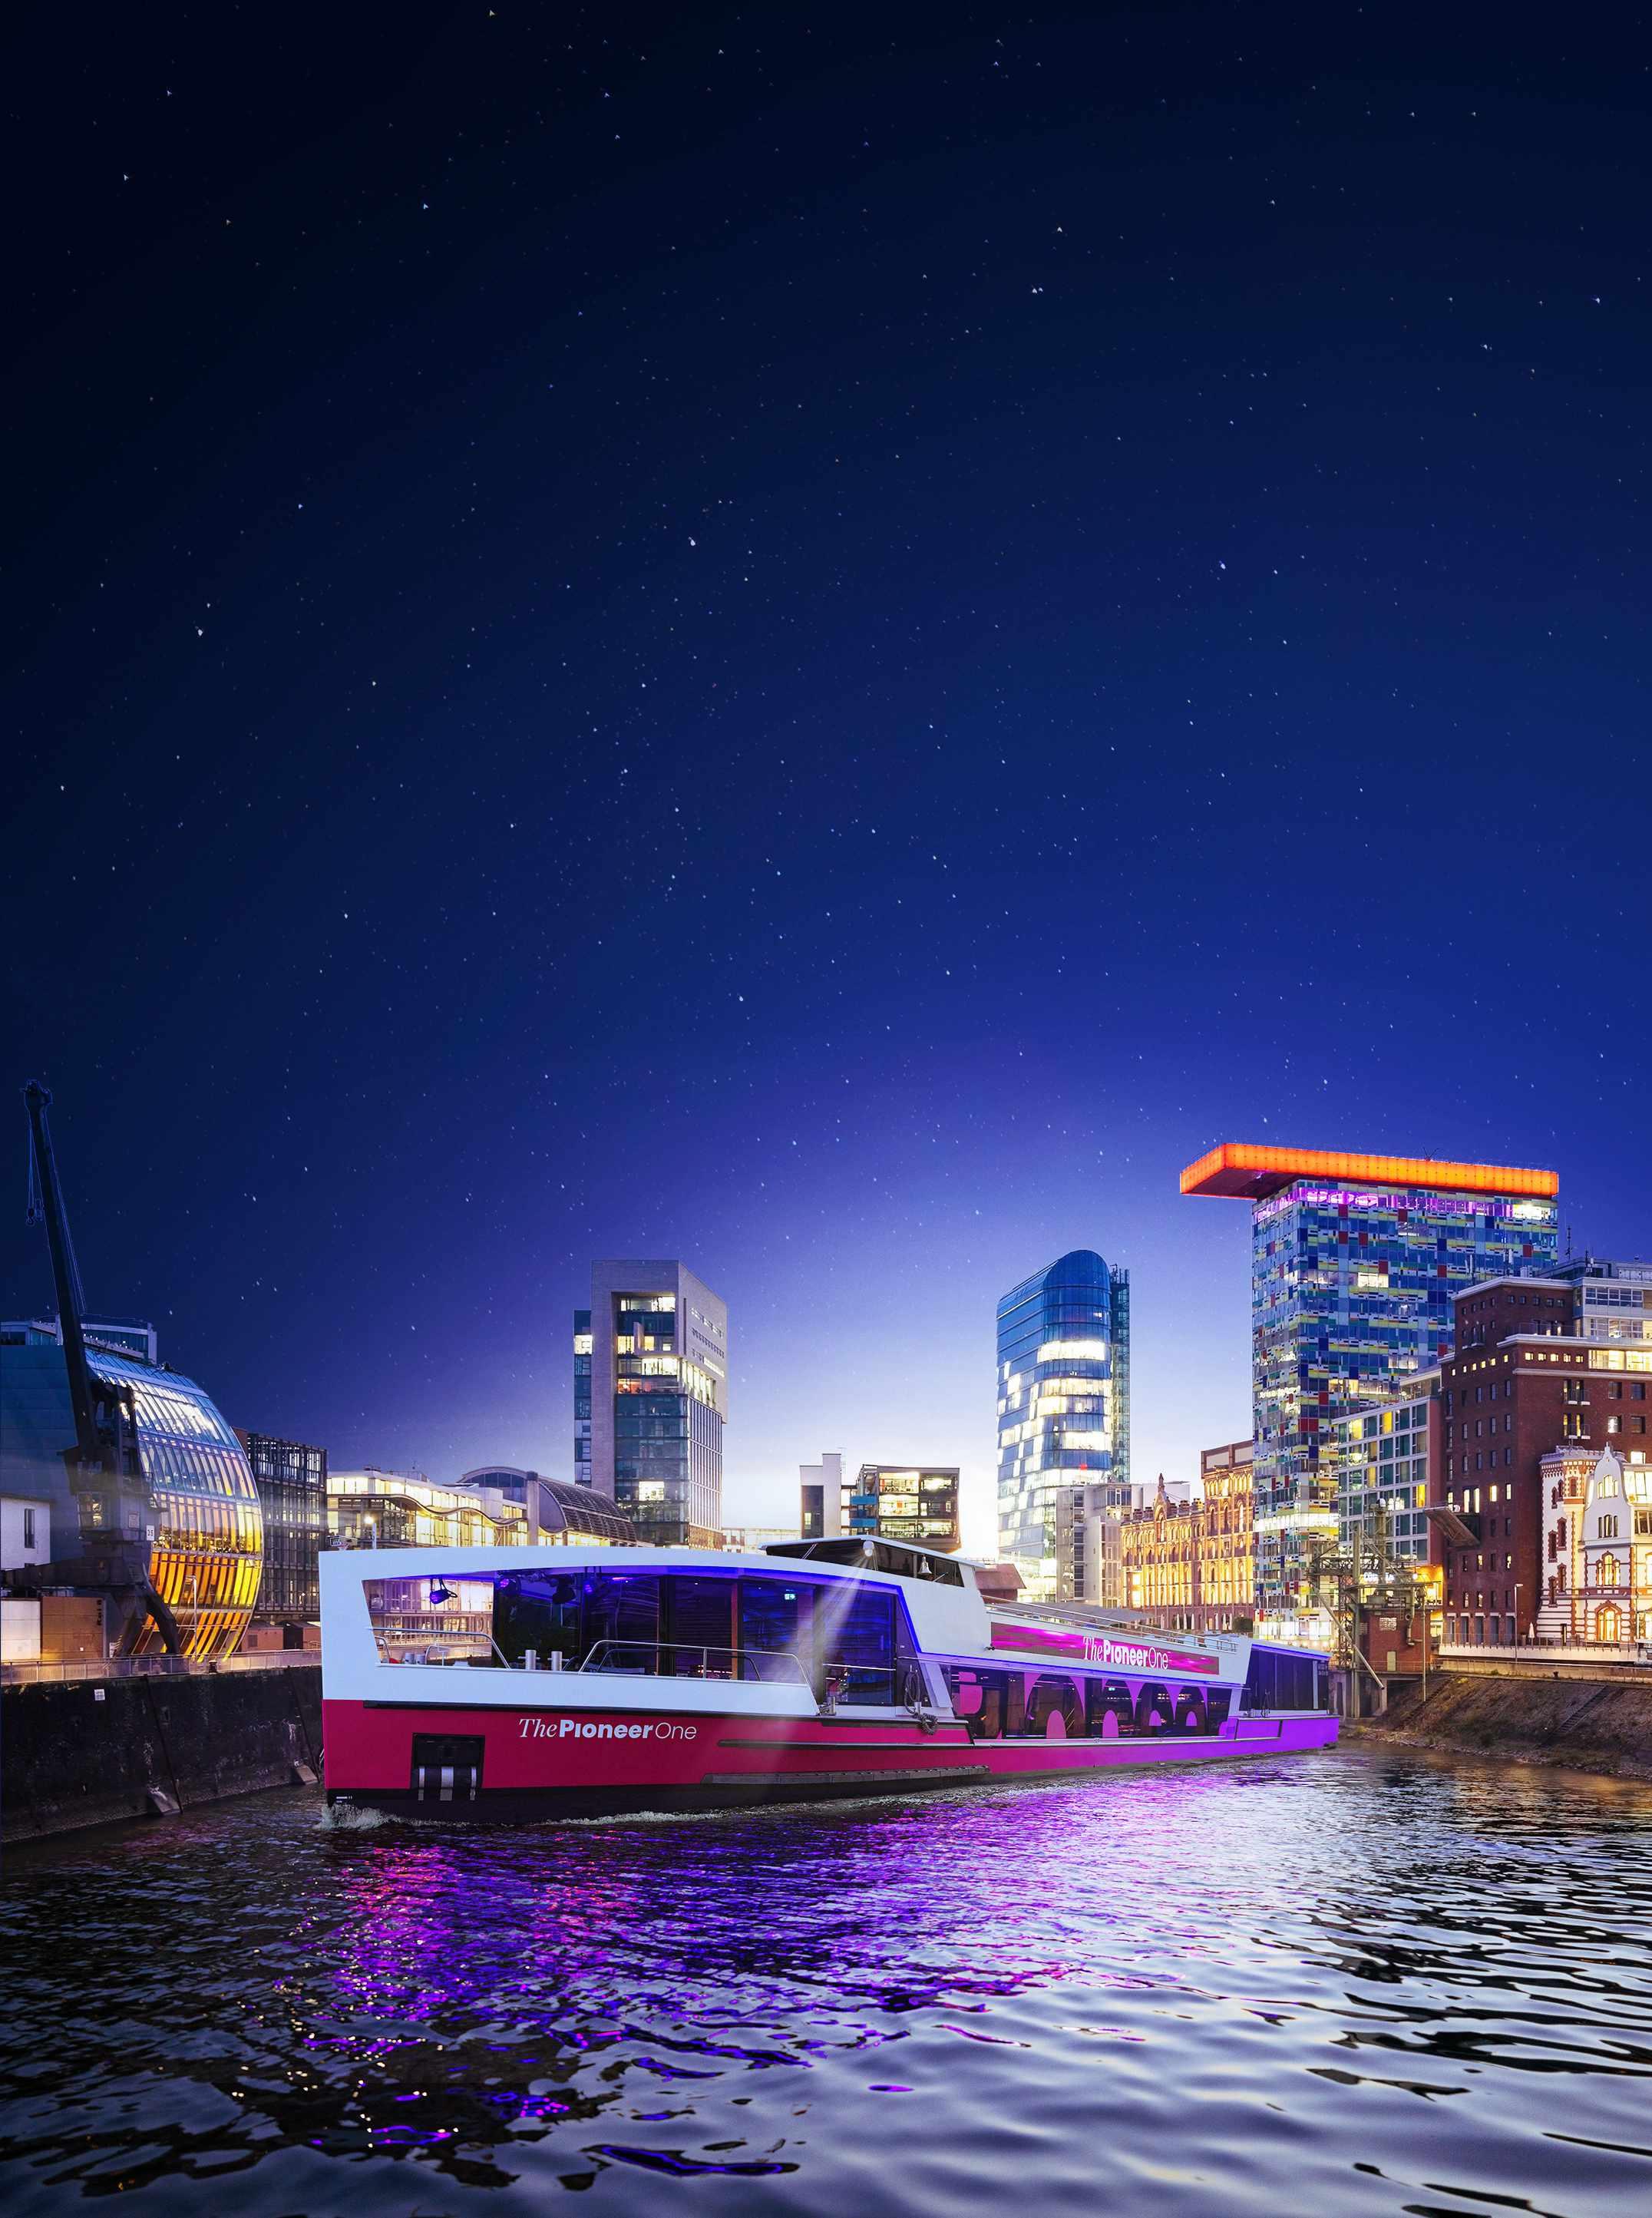 Medienschiff ThePioneerOne vor Skyline von Düsseldorf